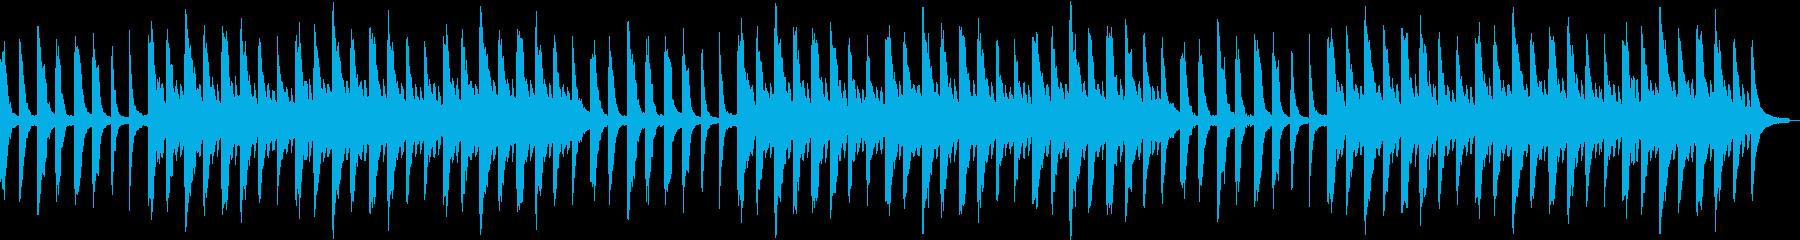 幻想的で切ないピアノの旋律の再生済みの波形